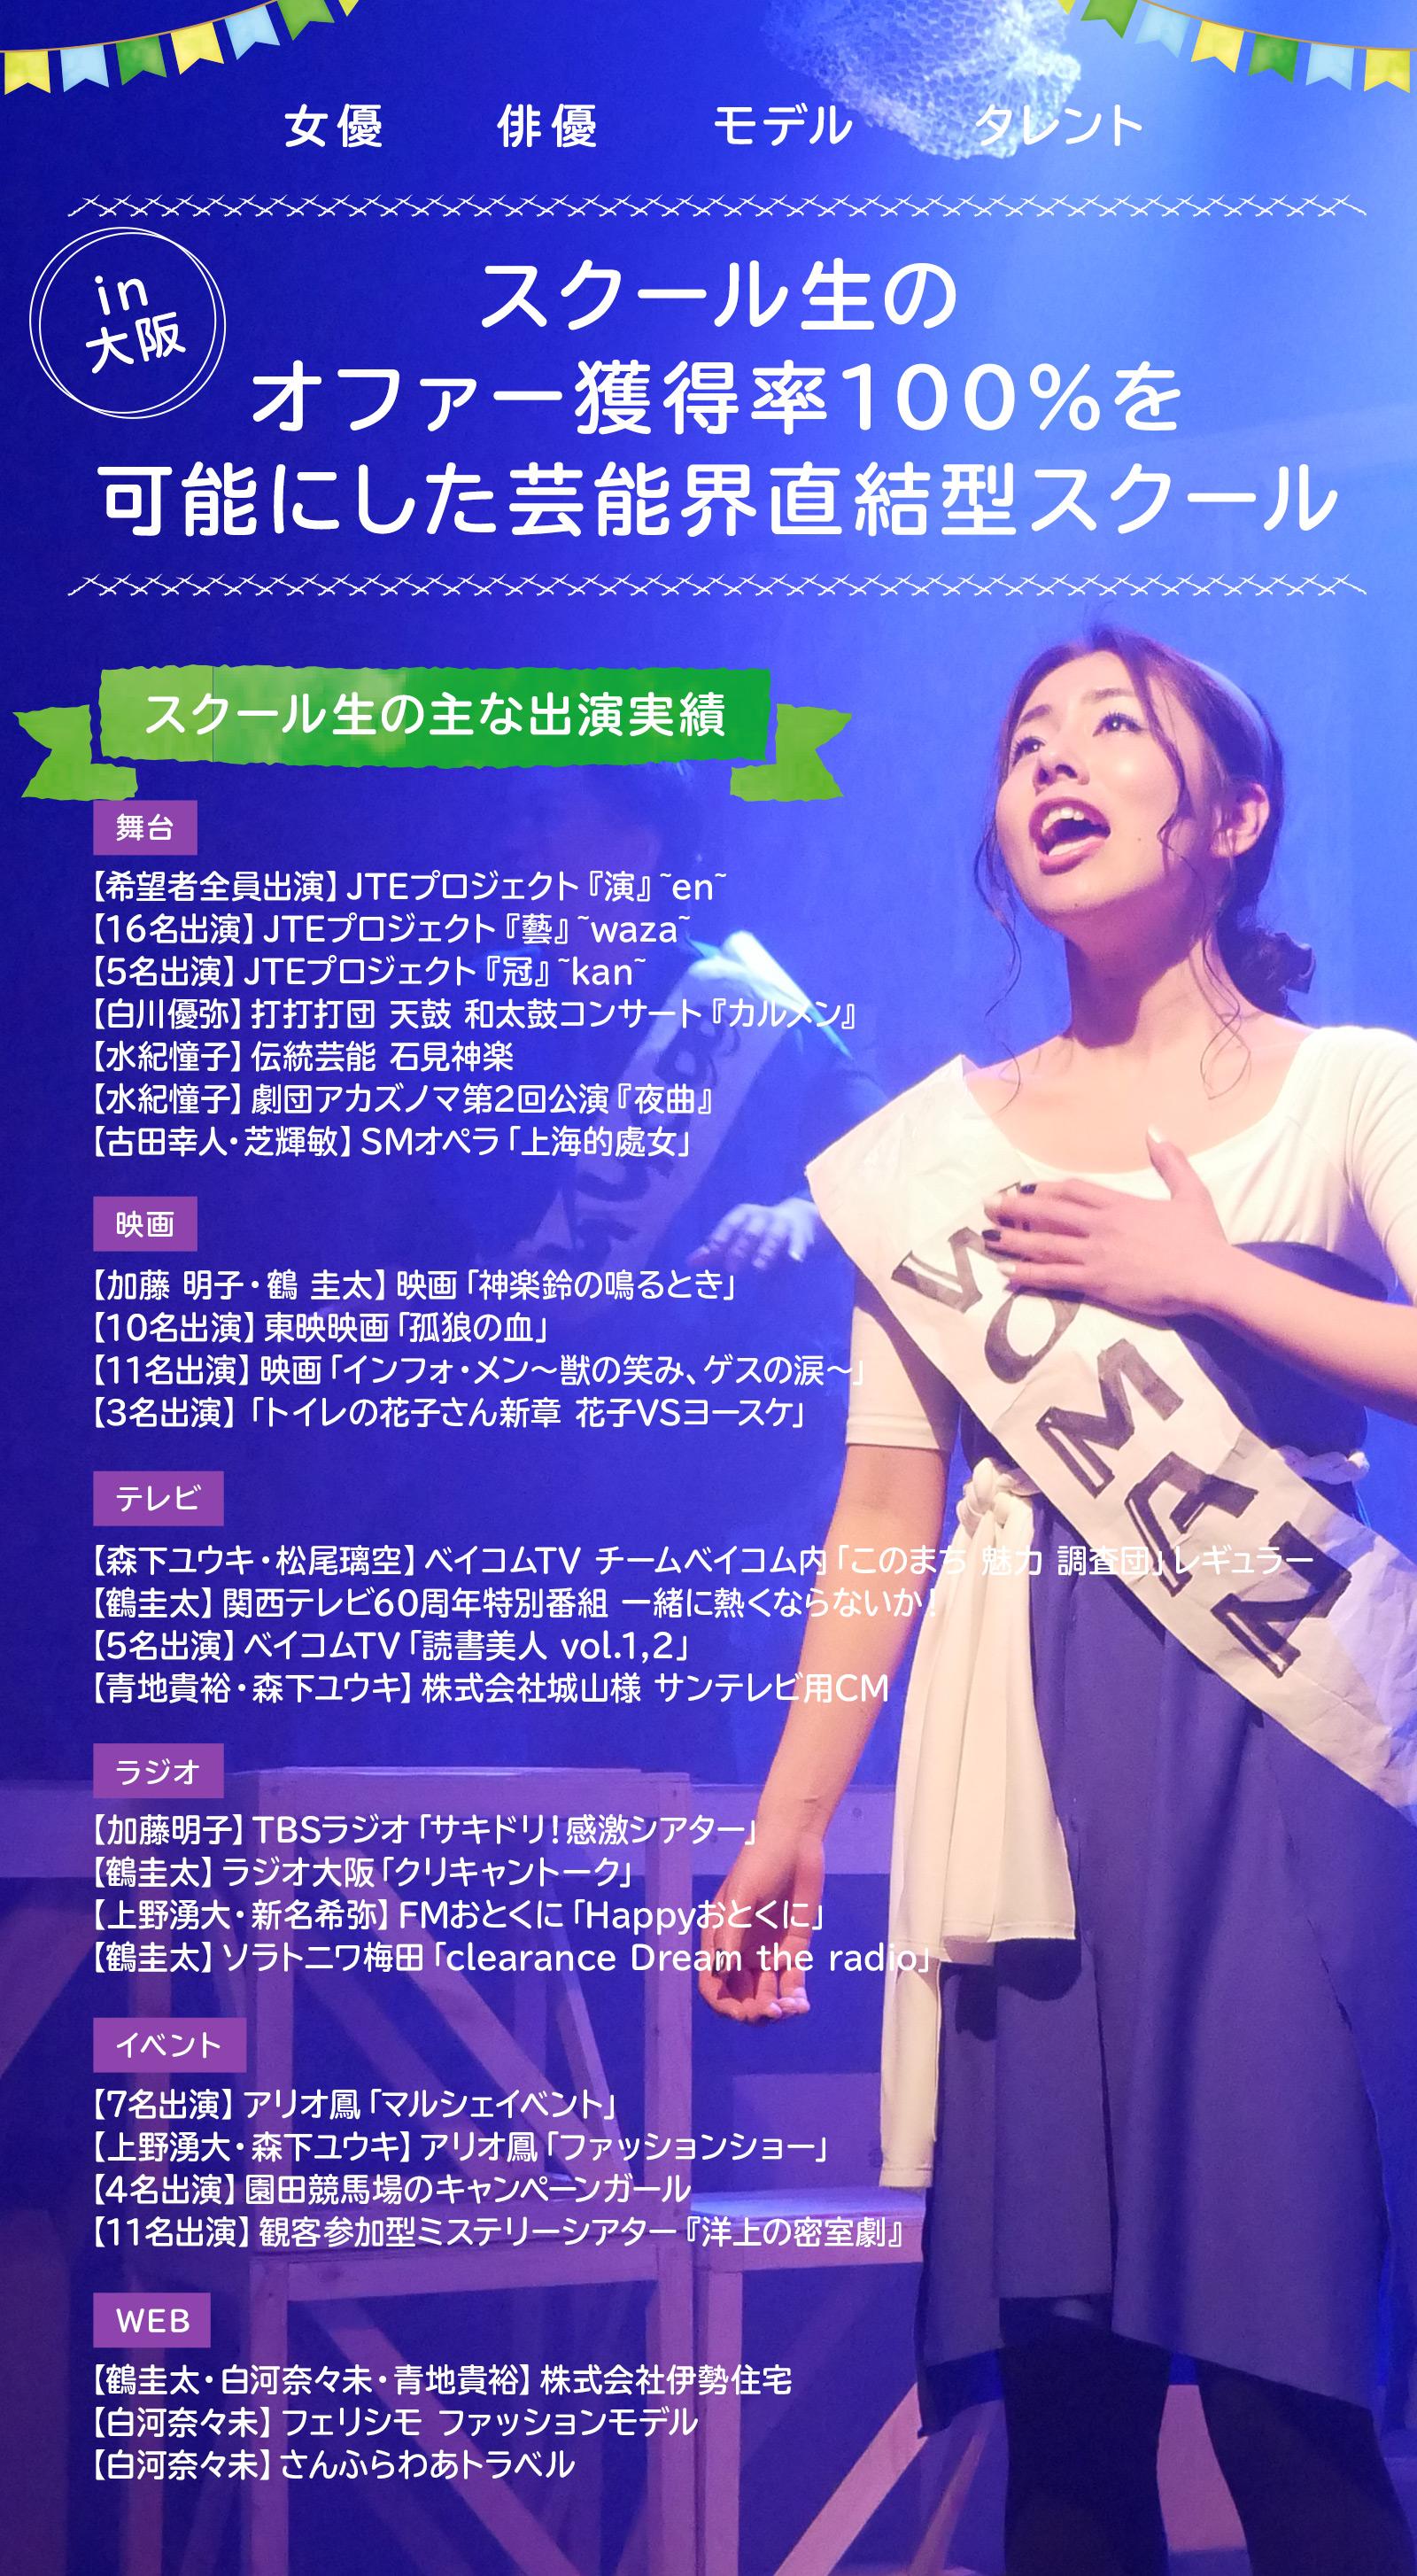 女優・俳優・モデル・タレントスクール生のオファー獲得率100%を可能にした芸能界直結型スクール。芸能界でデビューするために必要な様々なことを学び、現場で活かせる圧倒的実践形!in大阪